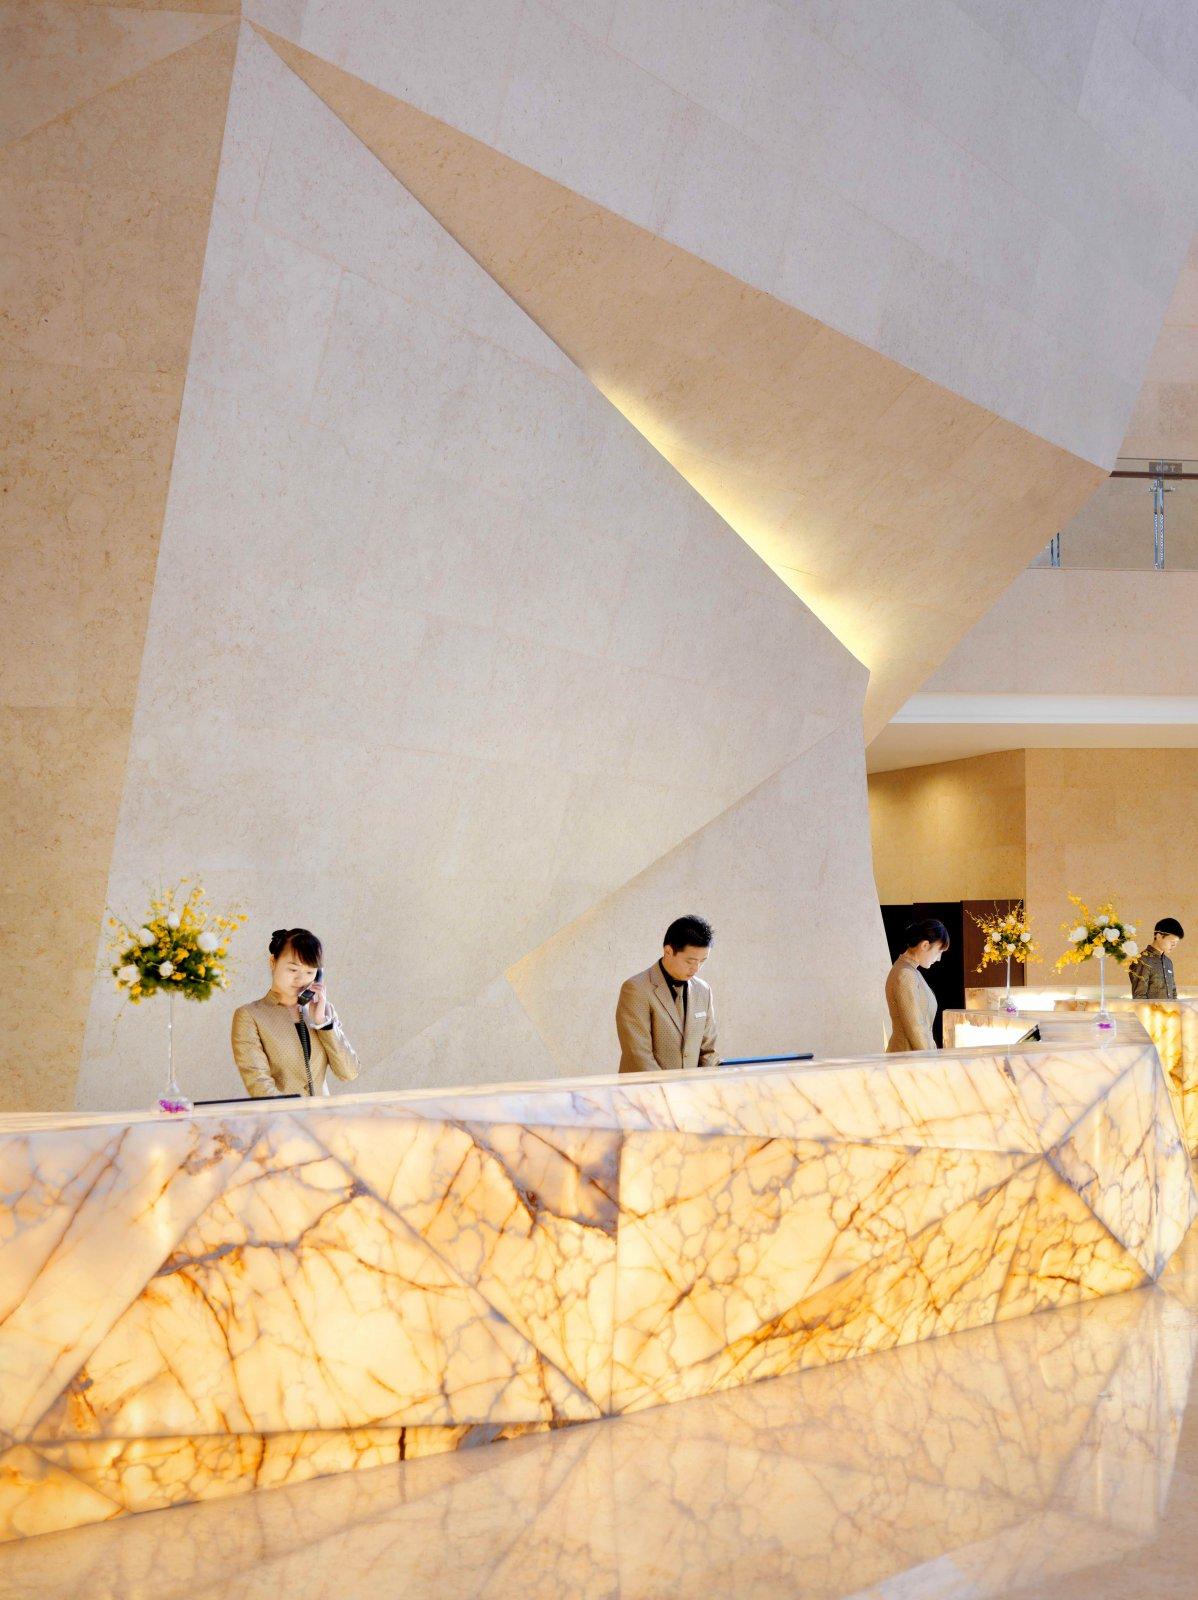 Project Image_周海新_北京中信金陵酒店_02.jpg